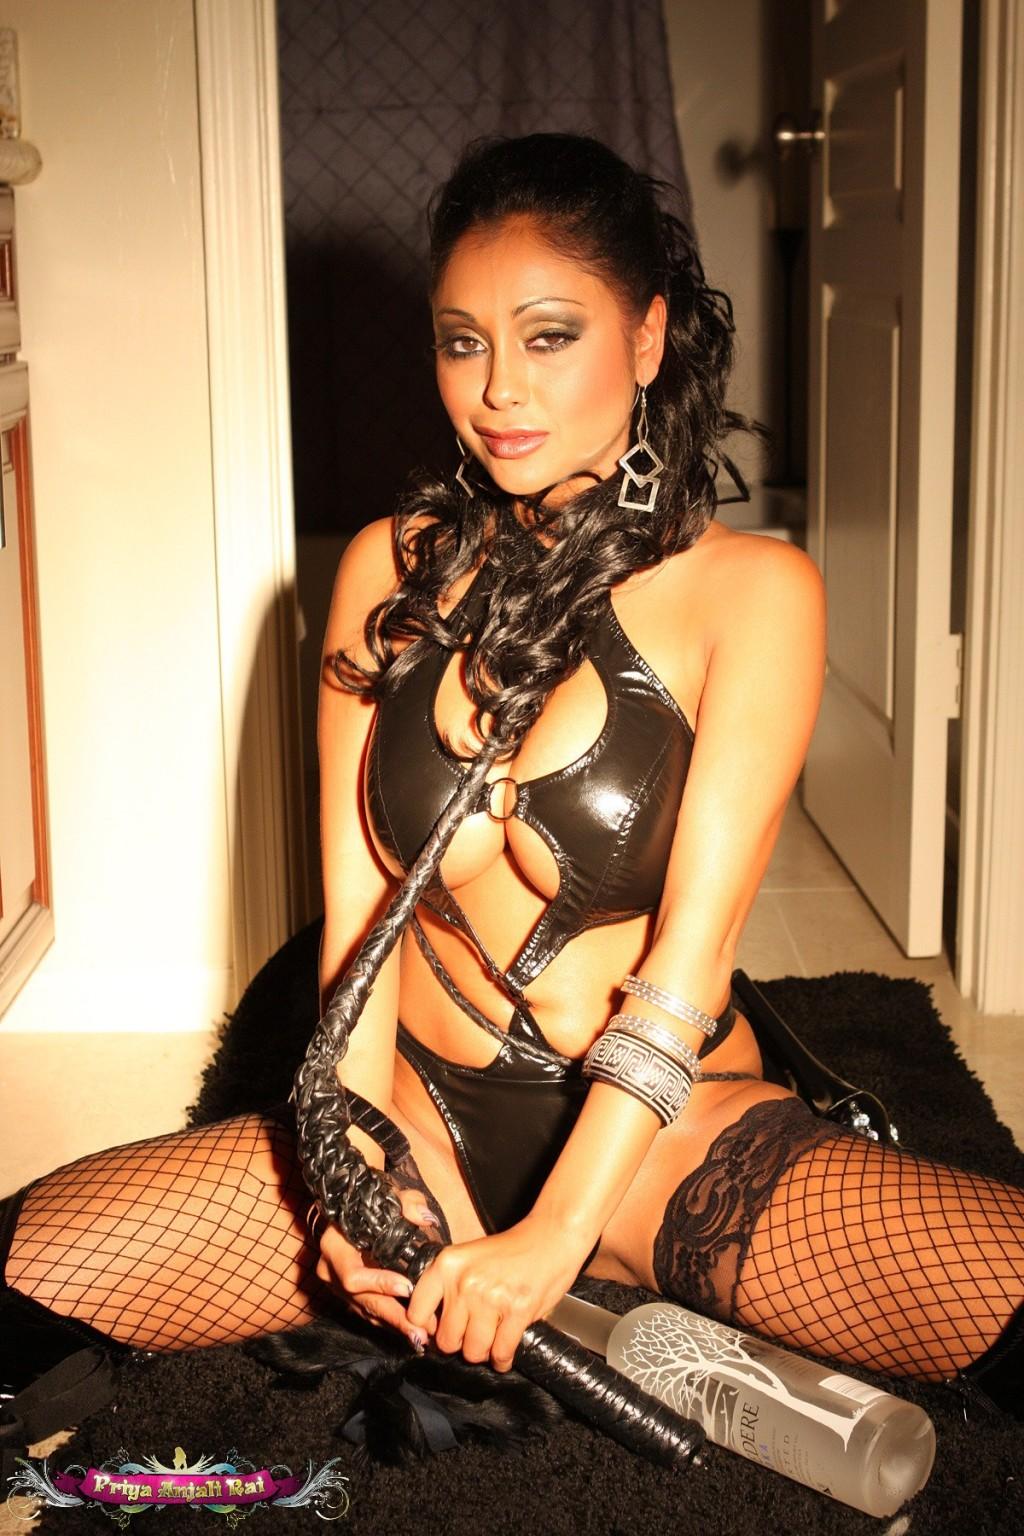 Соблазнительная Прия Рэй в сексуальном наряде показывает свое тело и демонстрирует свой темперамент